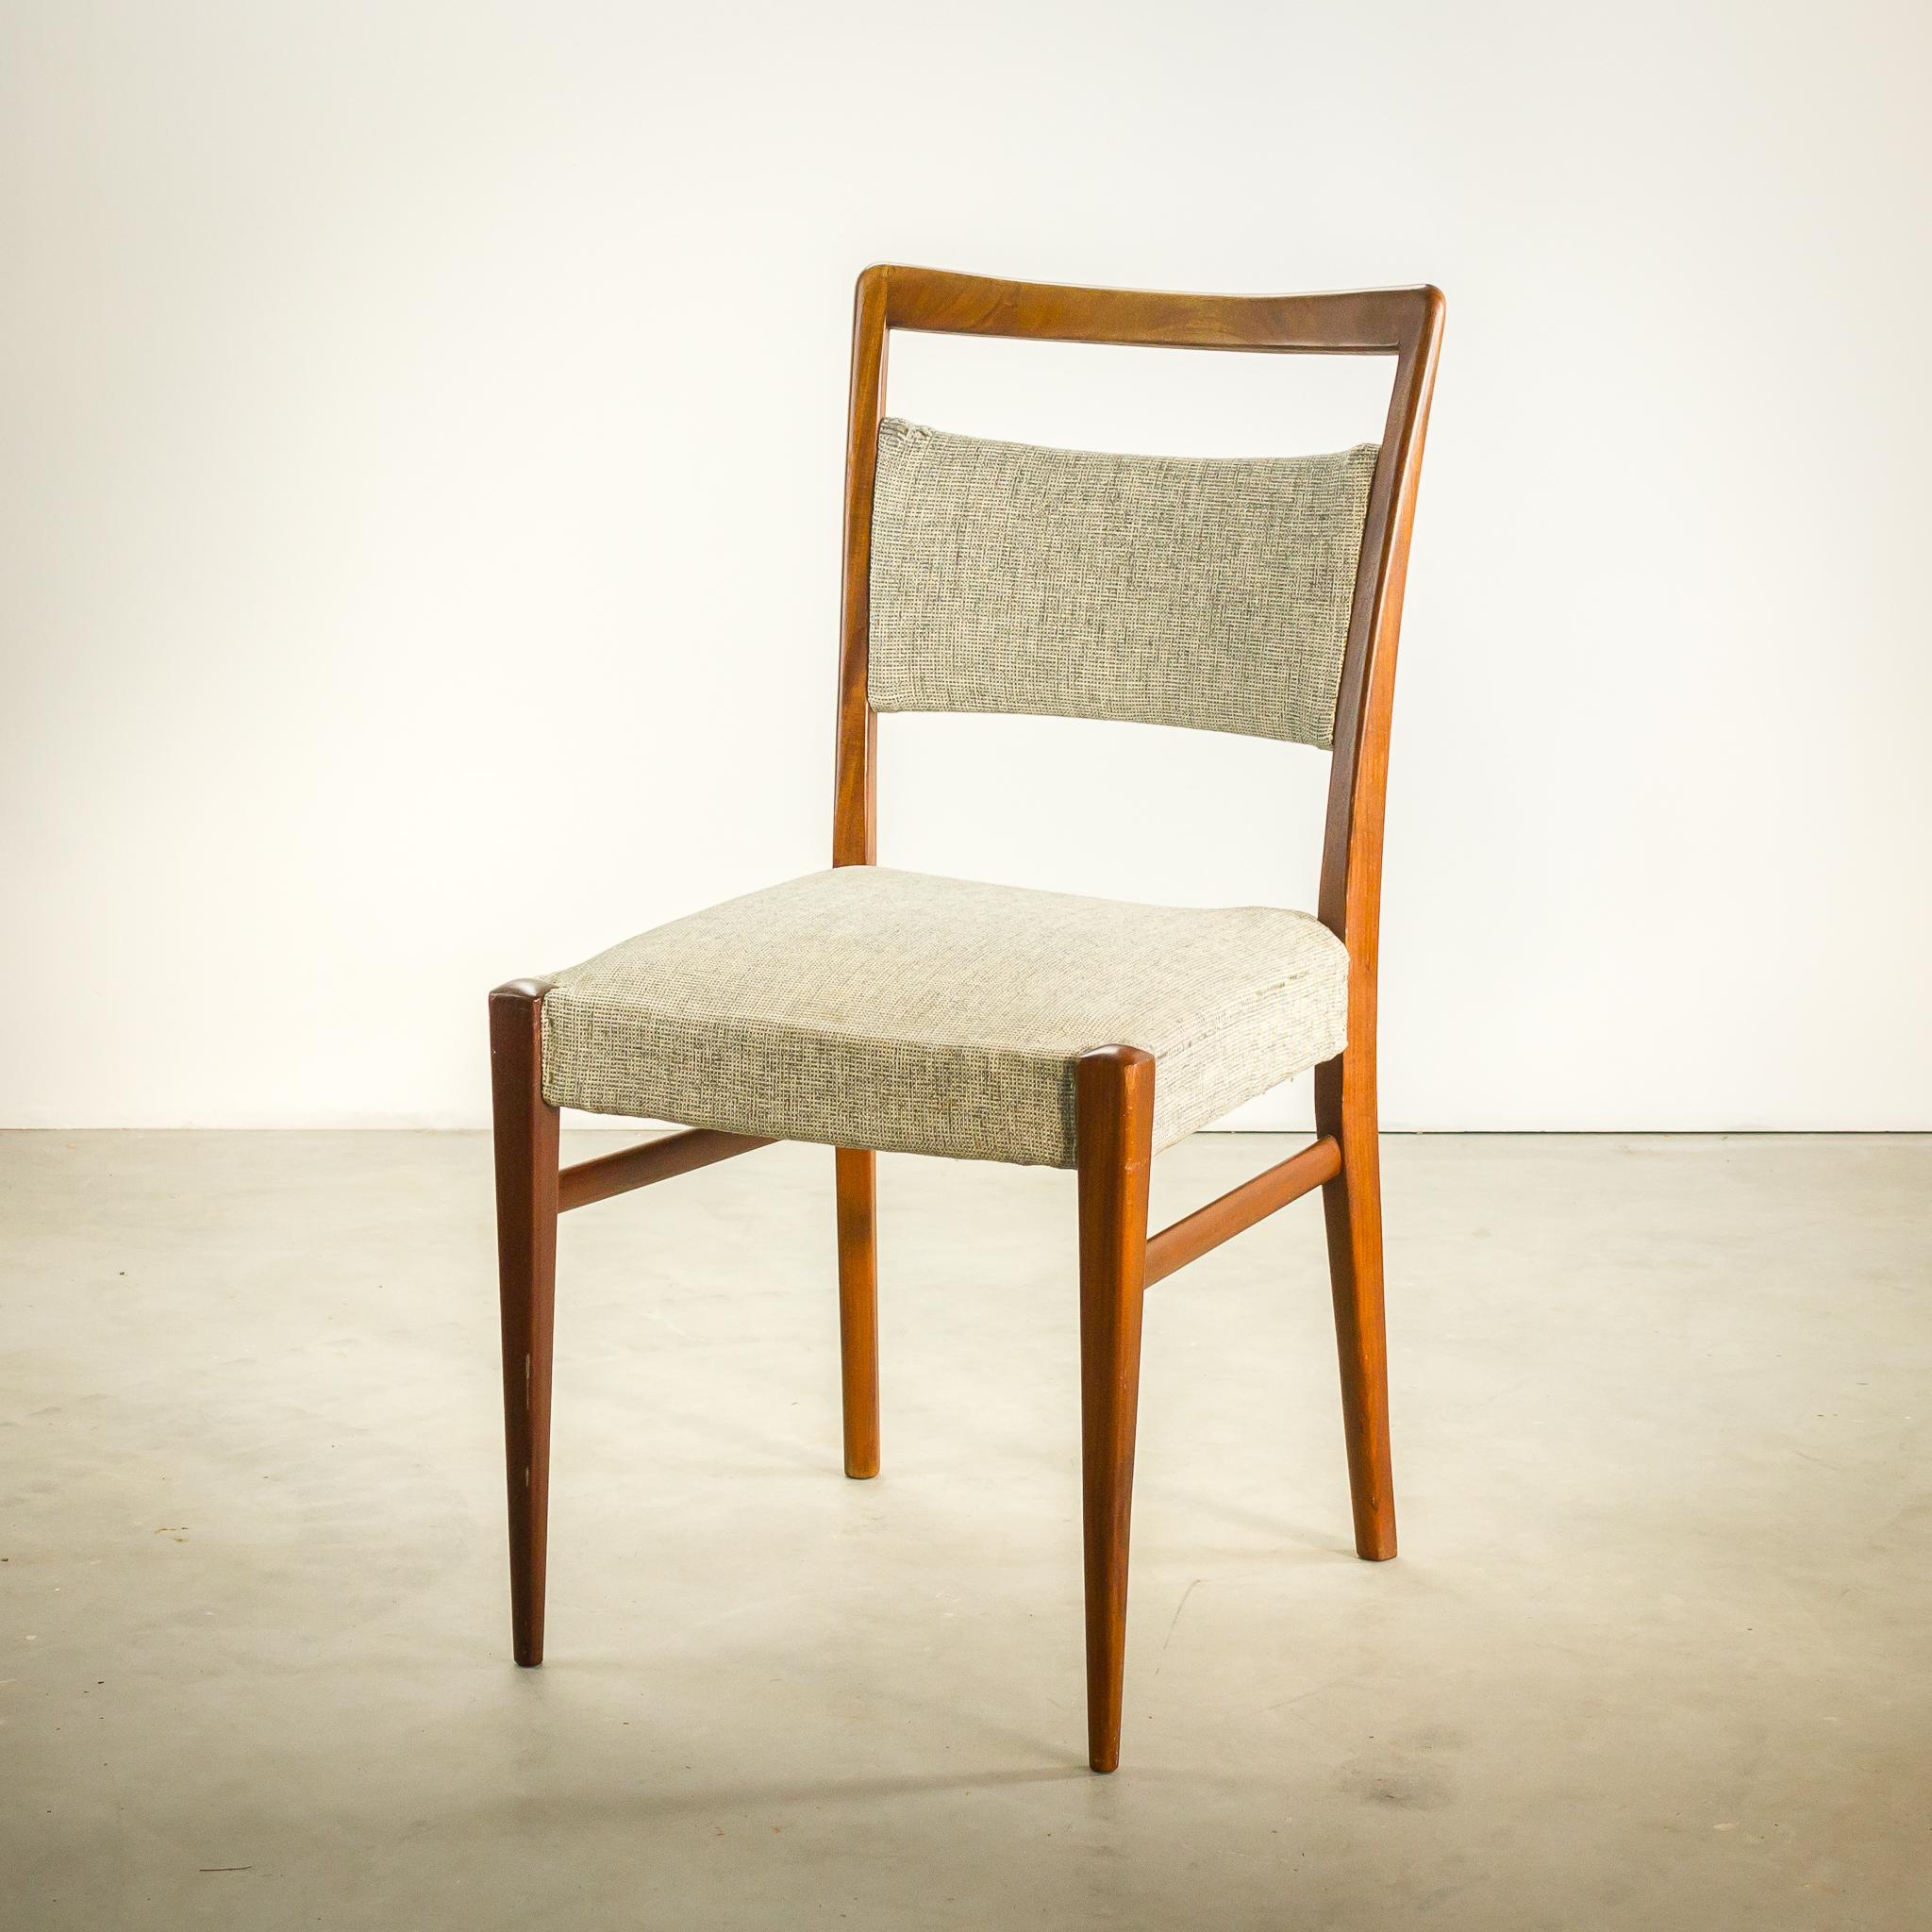 Grijze stoelen great house doctor stoel comma grijs house for Eettafel stoel leer